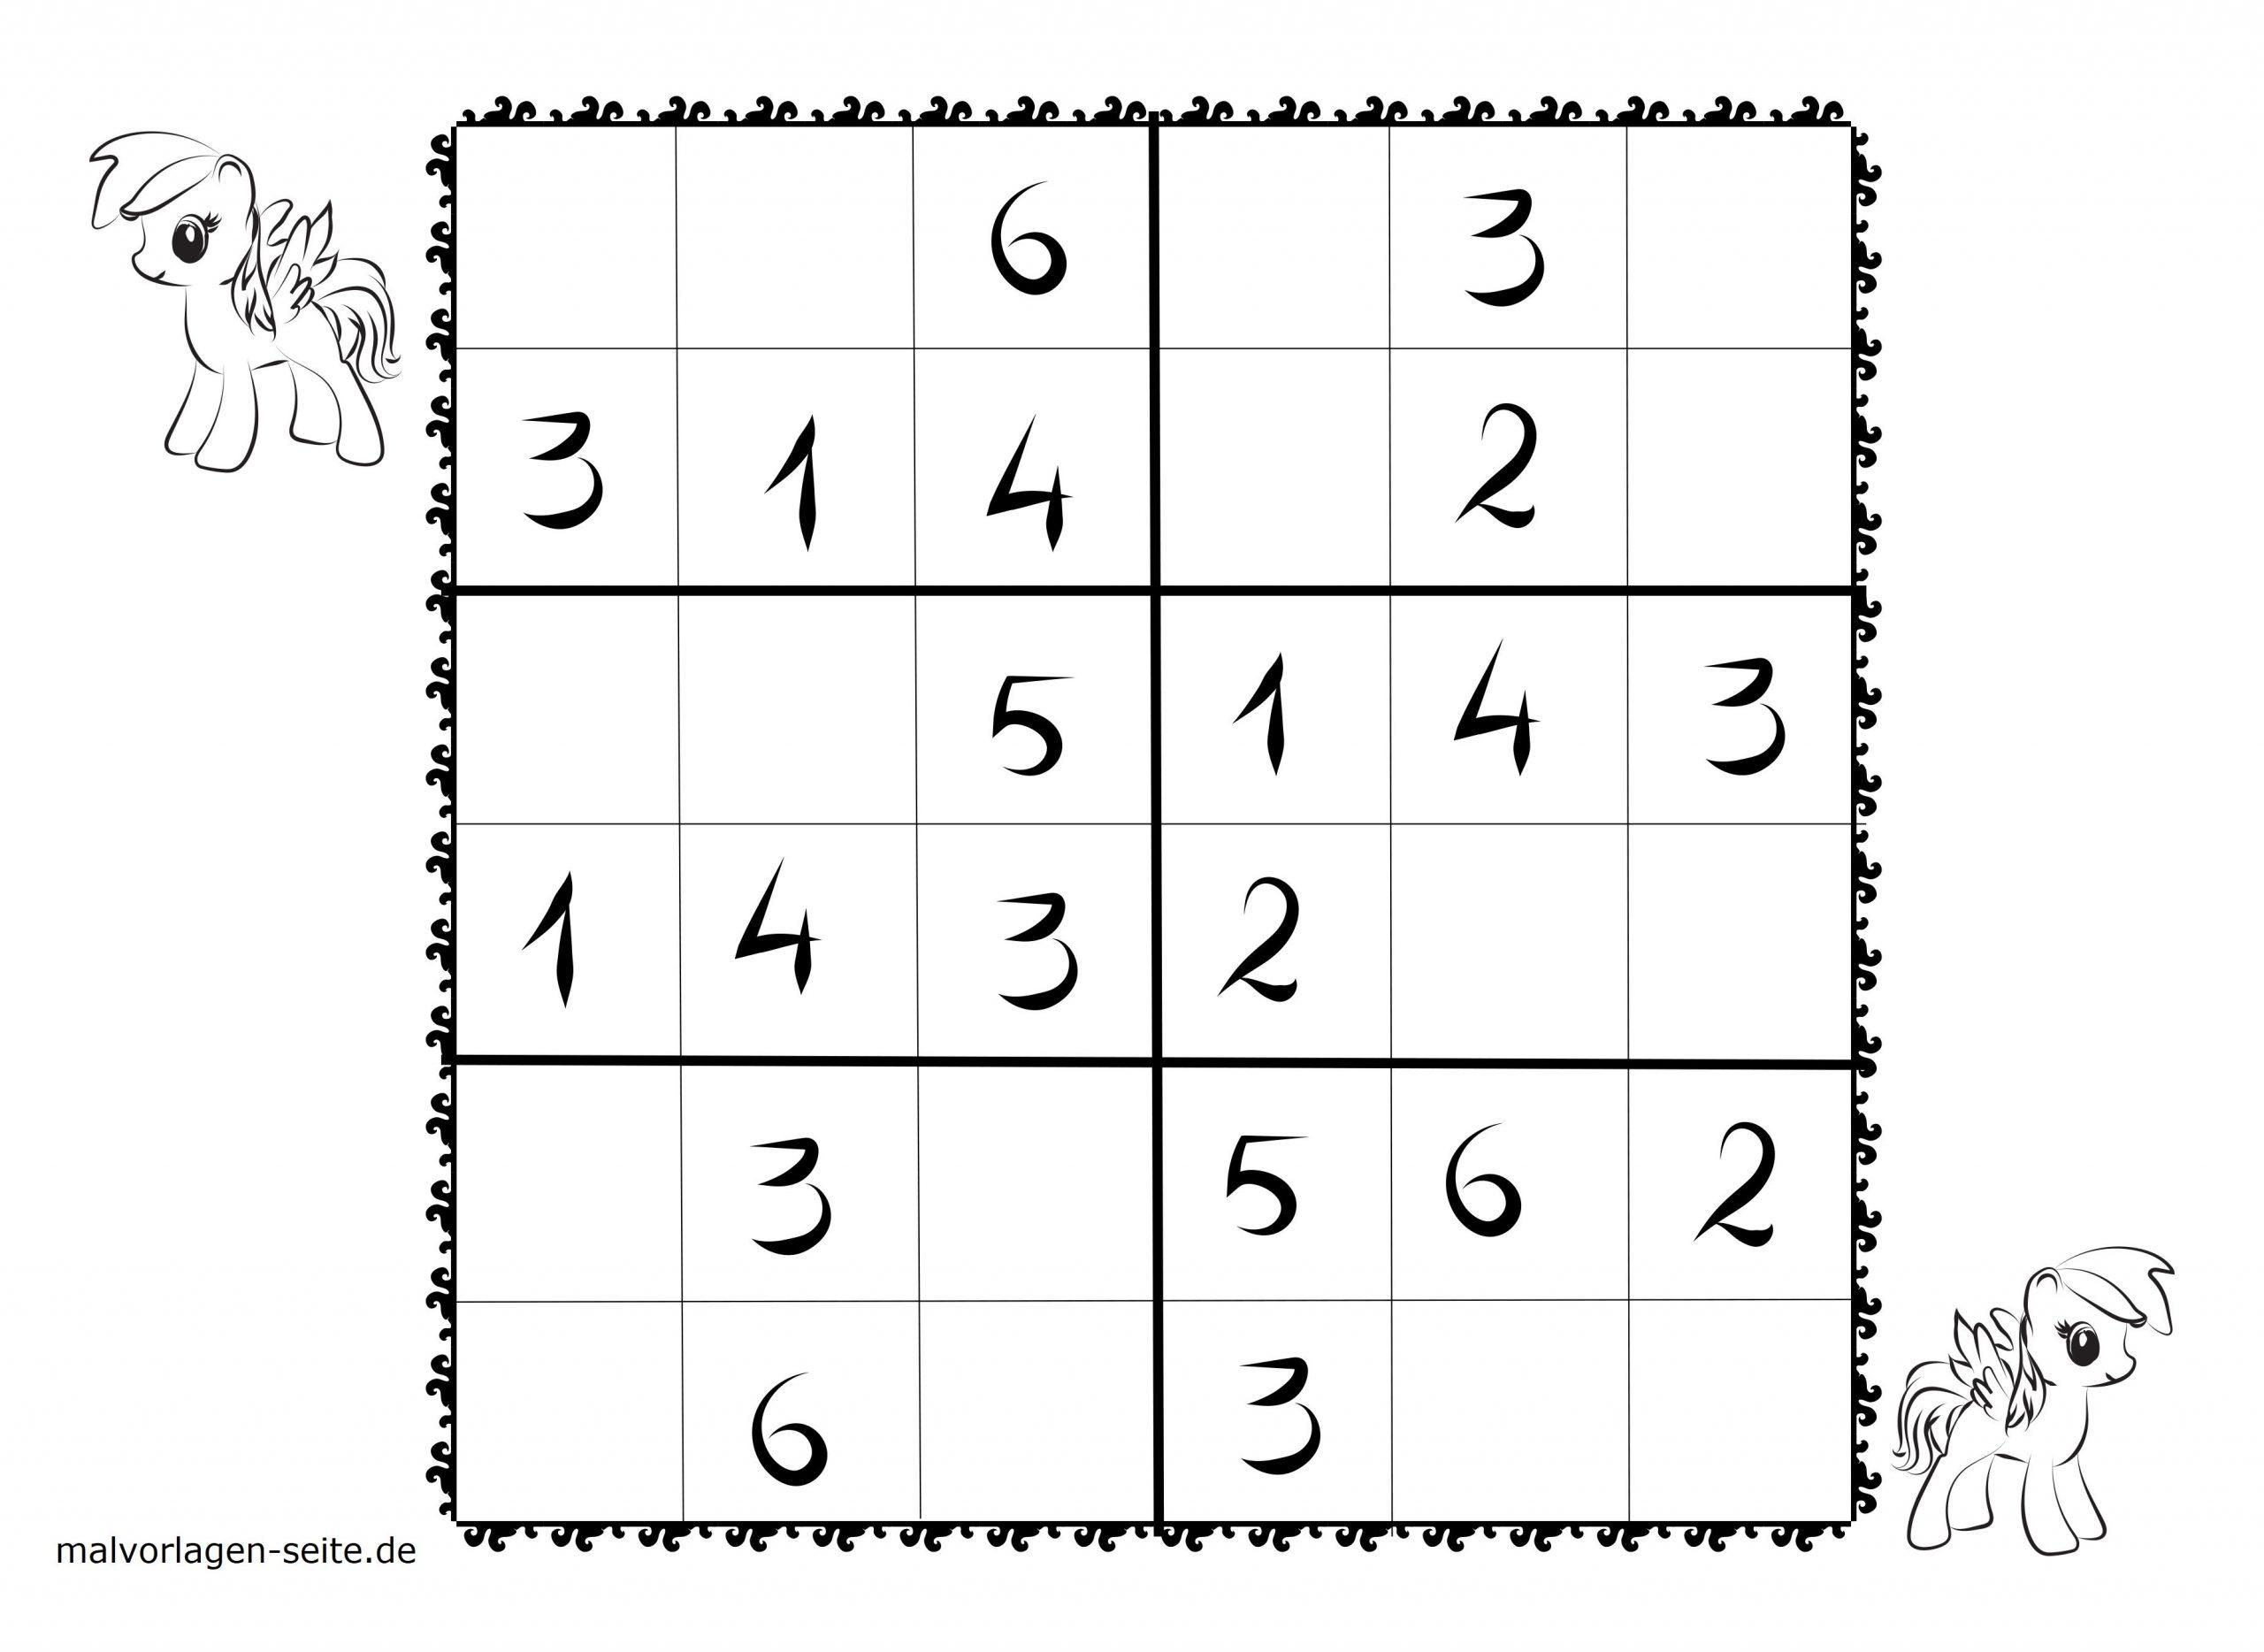 Malvorlagen Sudoku Kinder | Coloring And Malvorlagan mit Sudoku Zum Ausdrucken Sehr Schwer